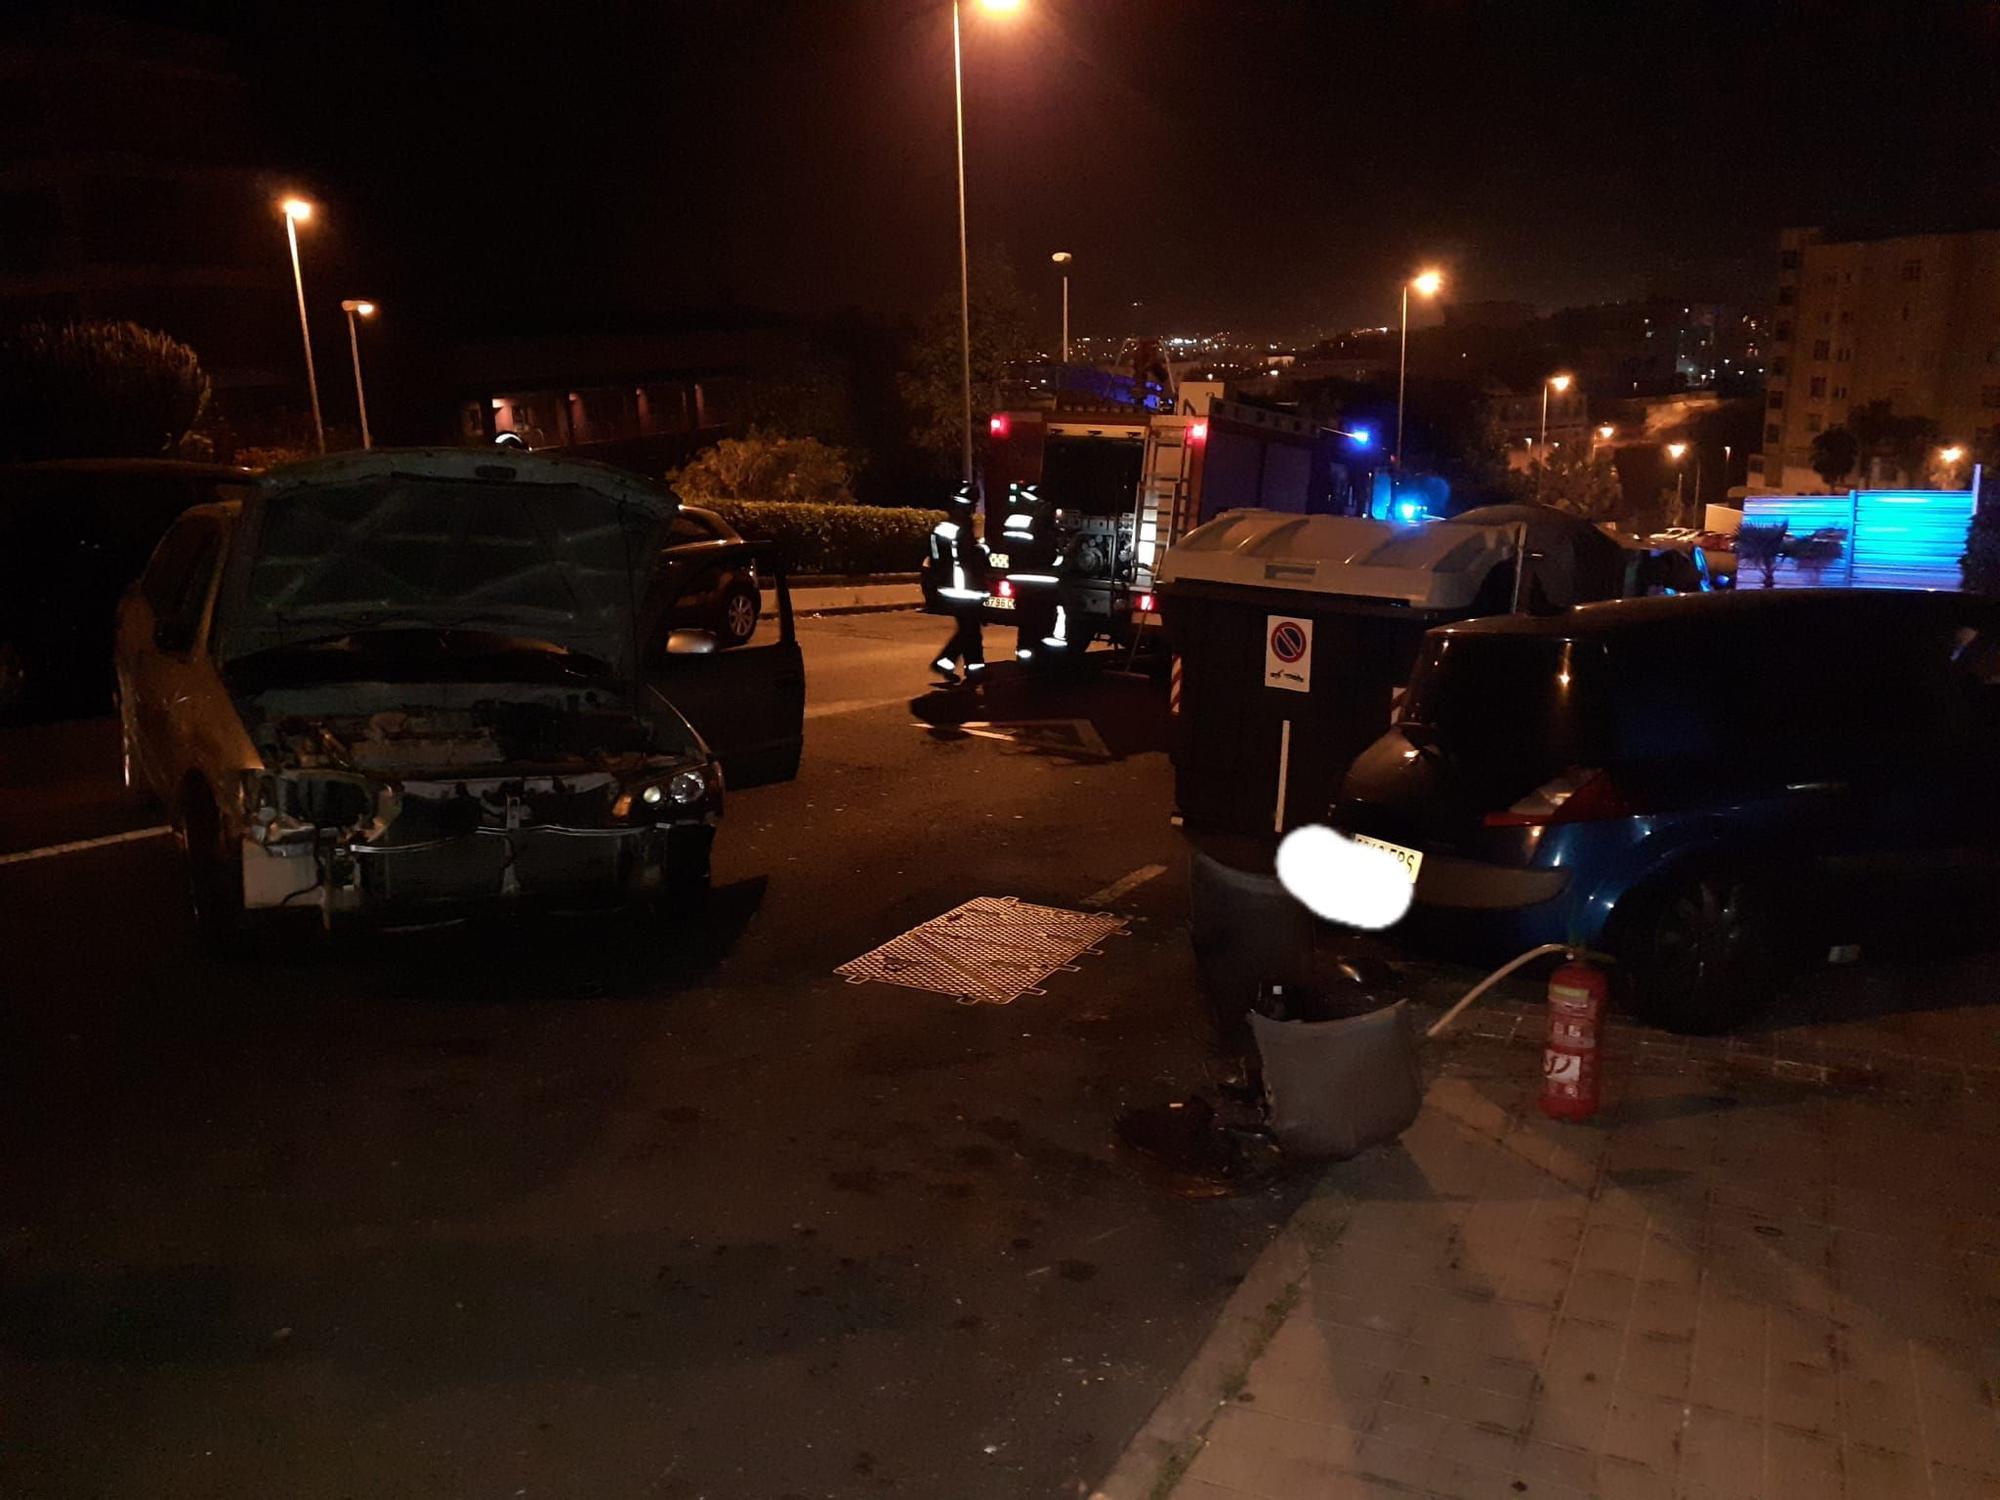 Aparatoso accidente de madrugada en Gran Canaria (19/07/21)